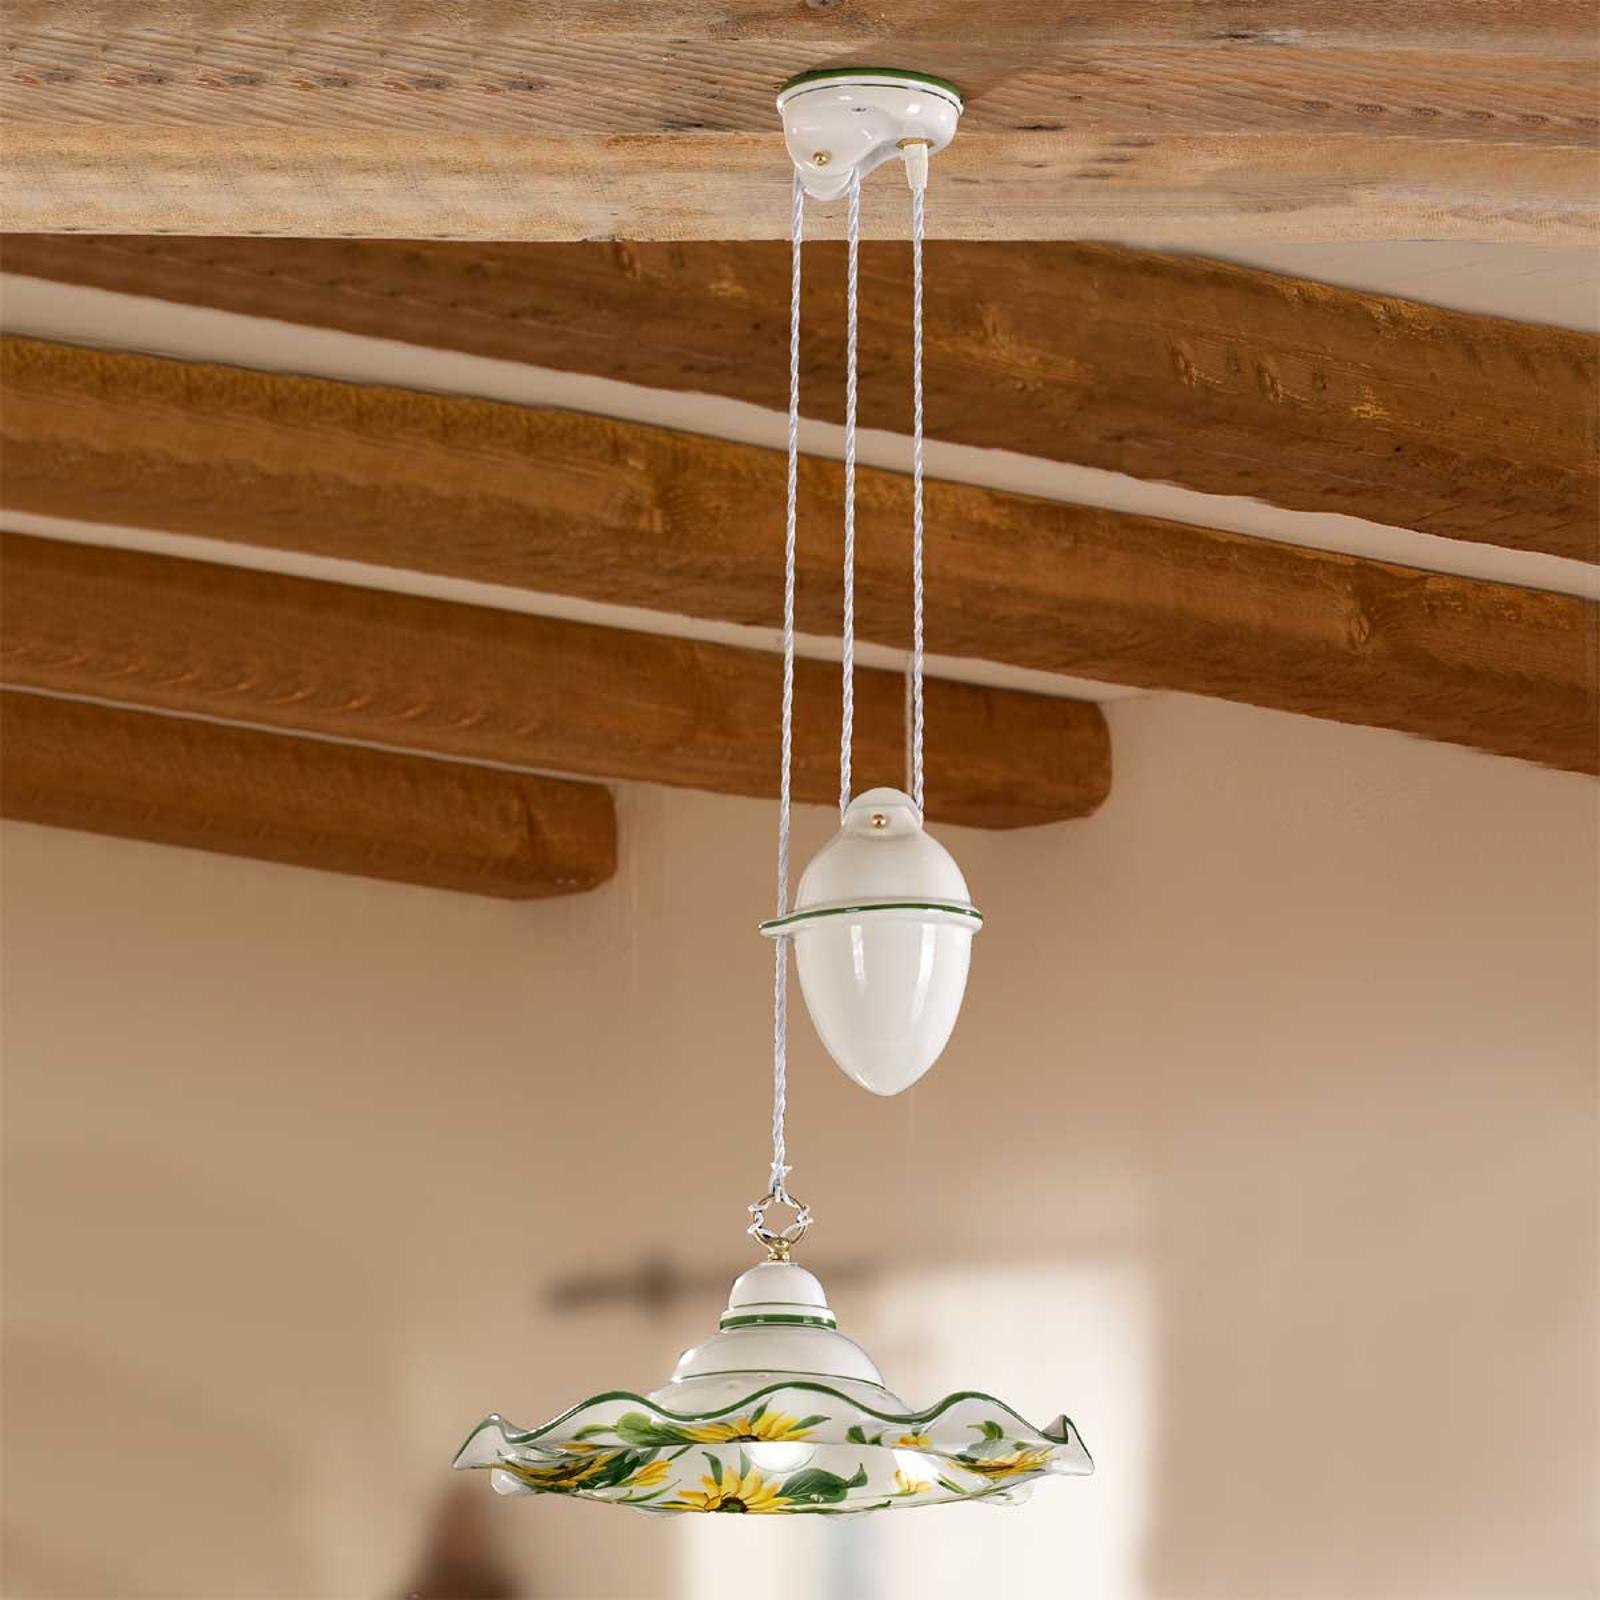 Lampa wisząca GIRASOLA z regulacją wysokości